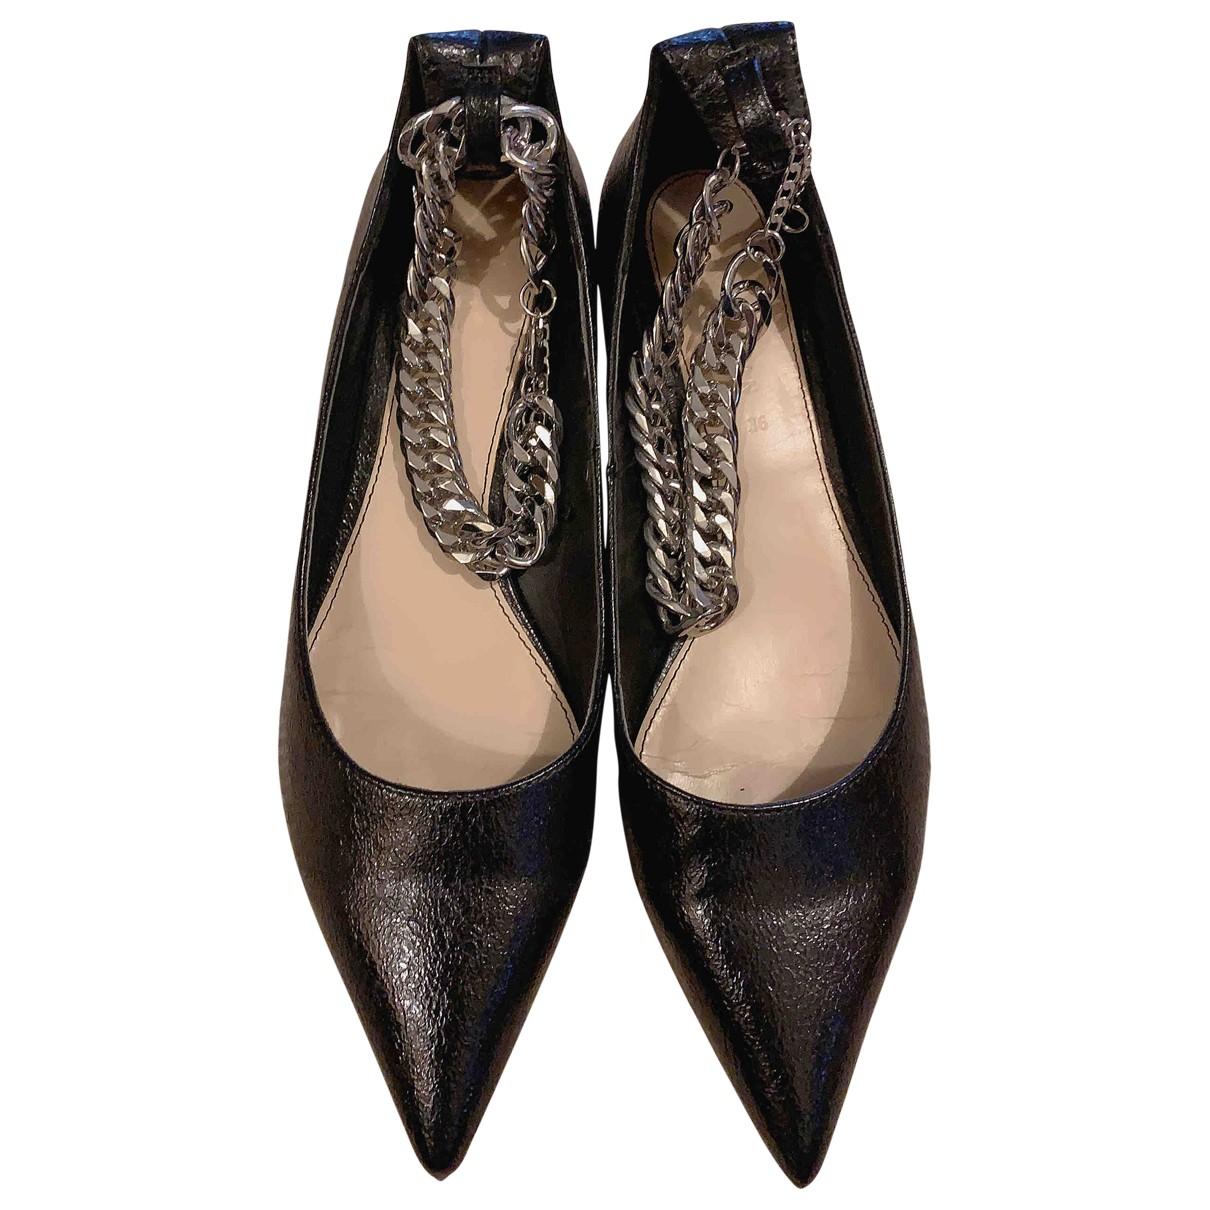 Zara \N Black Leather Ballet flats for Women 3 UK